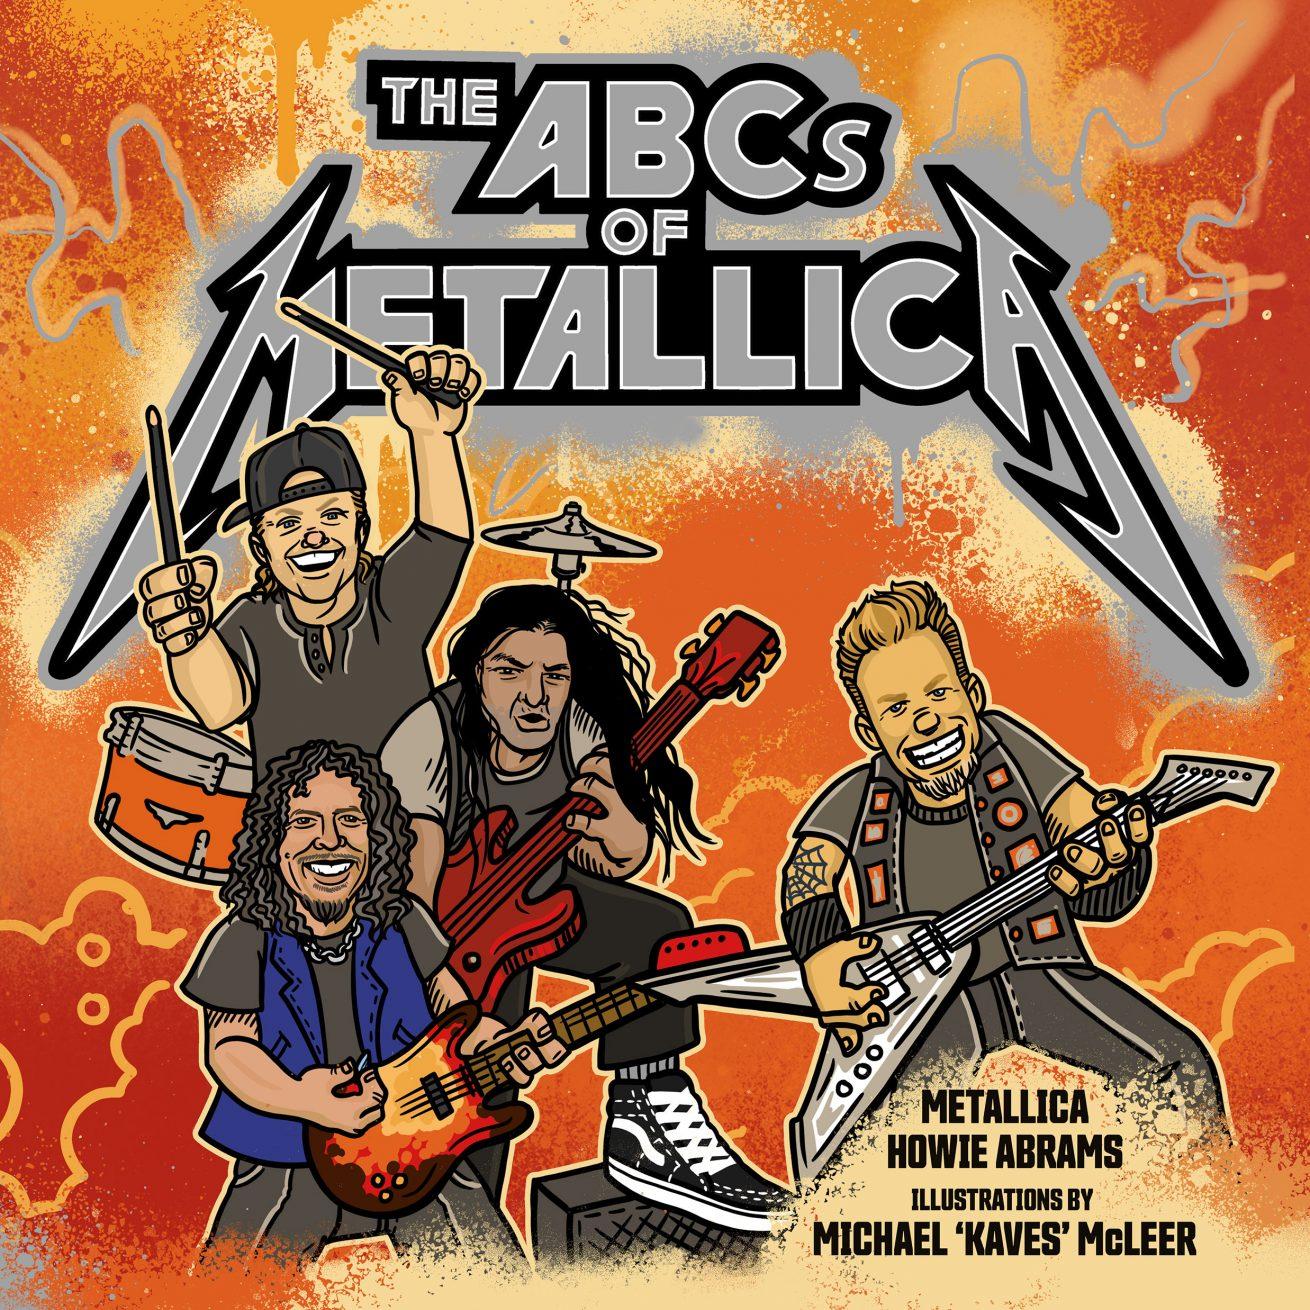 metallica'dan grubun abc'sini anlatacak çocuk kitabı